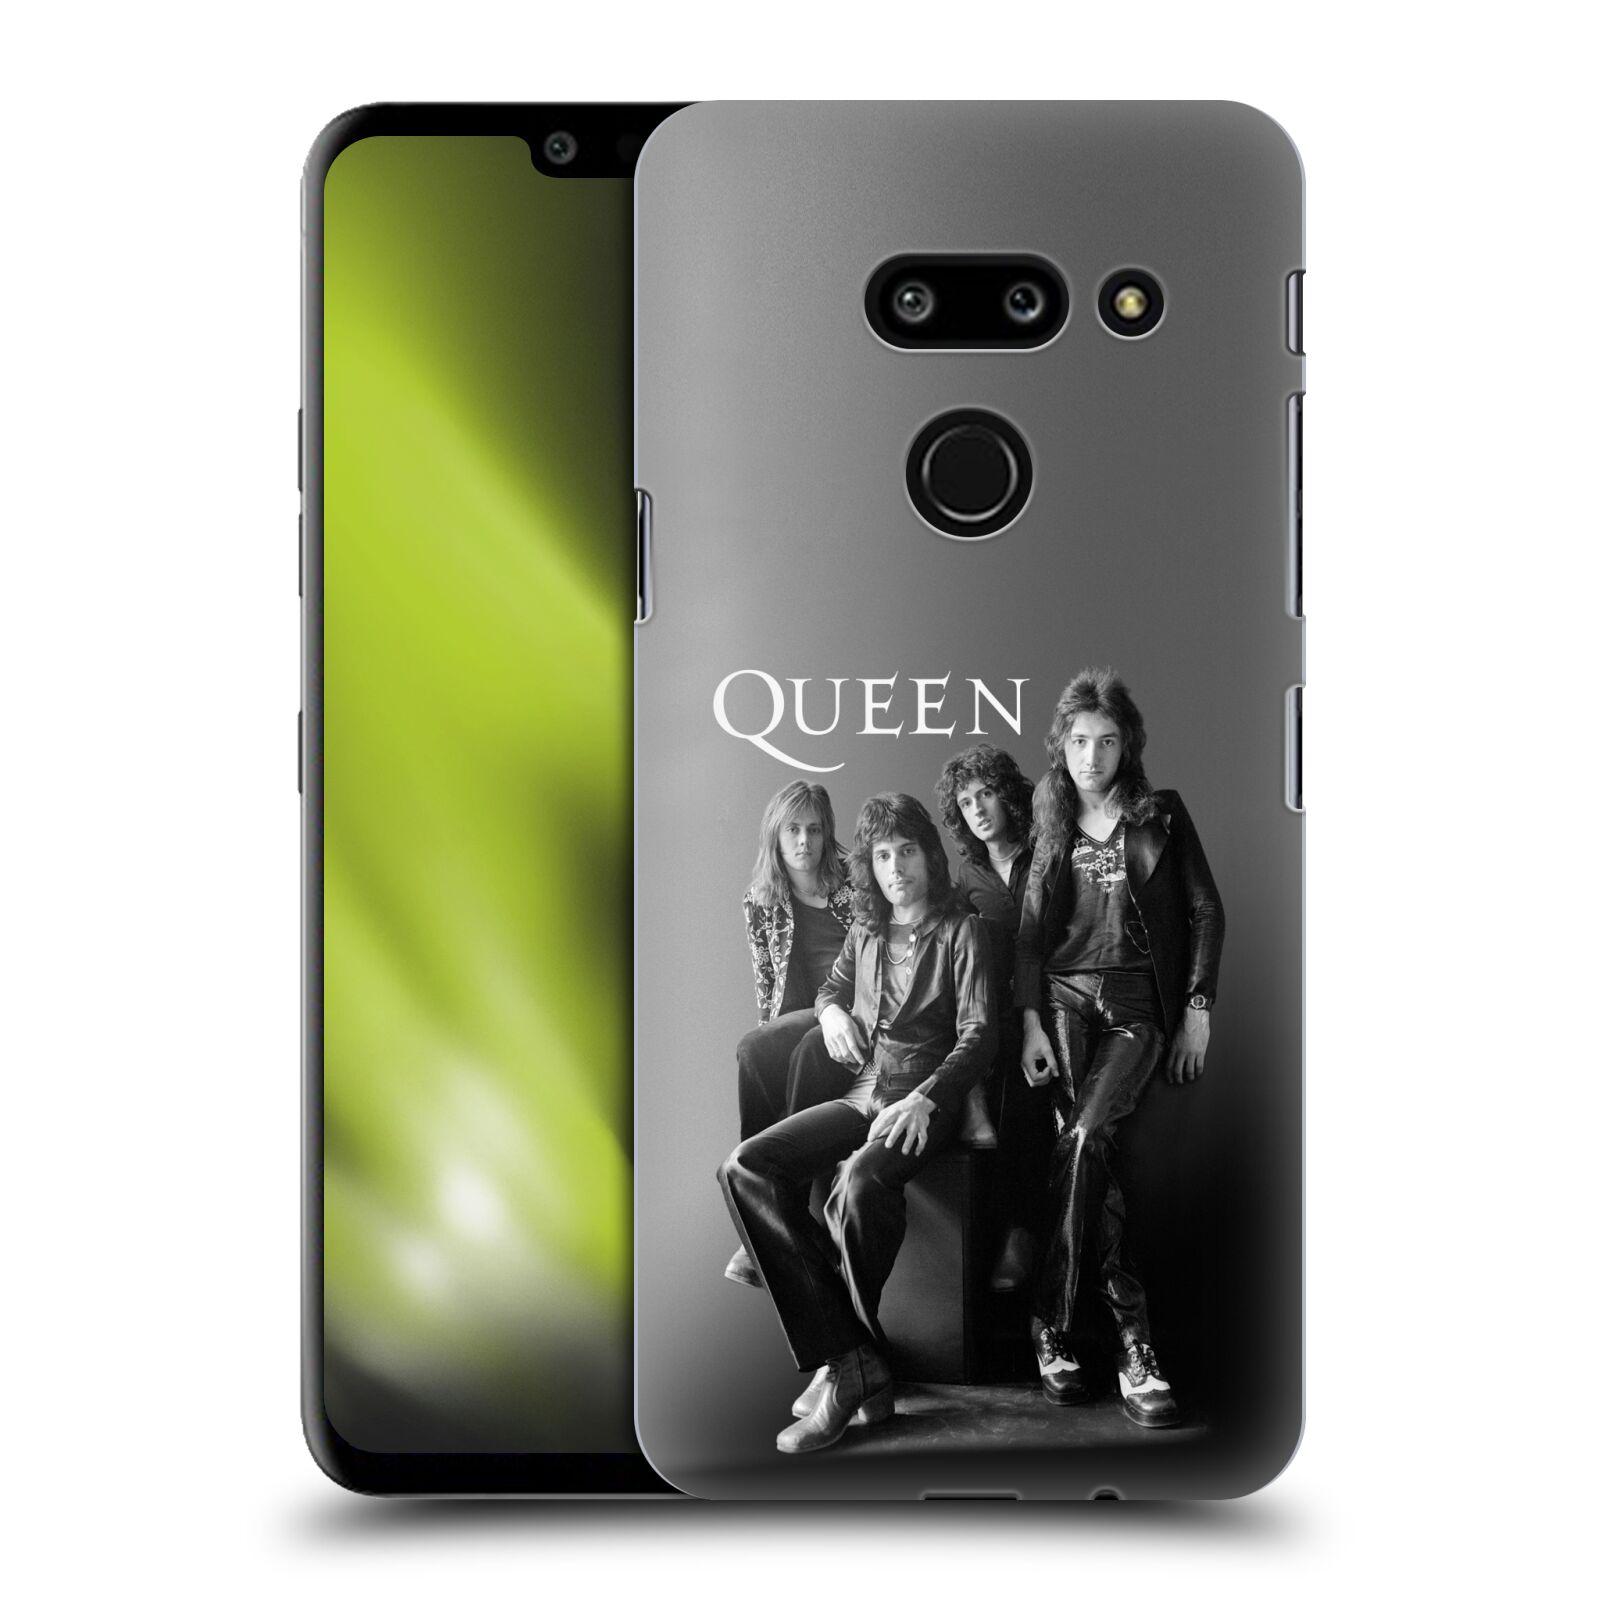 Plastové pouzdro na mobil LG G8 ThinQ - Head Case - Queen - Skupina